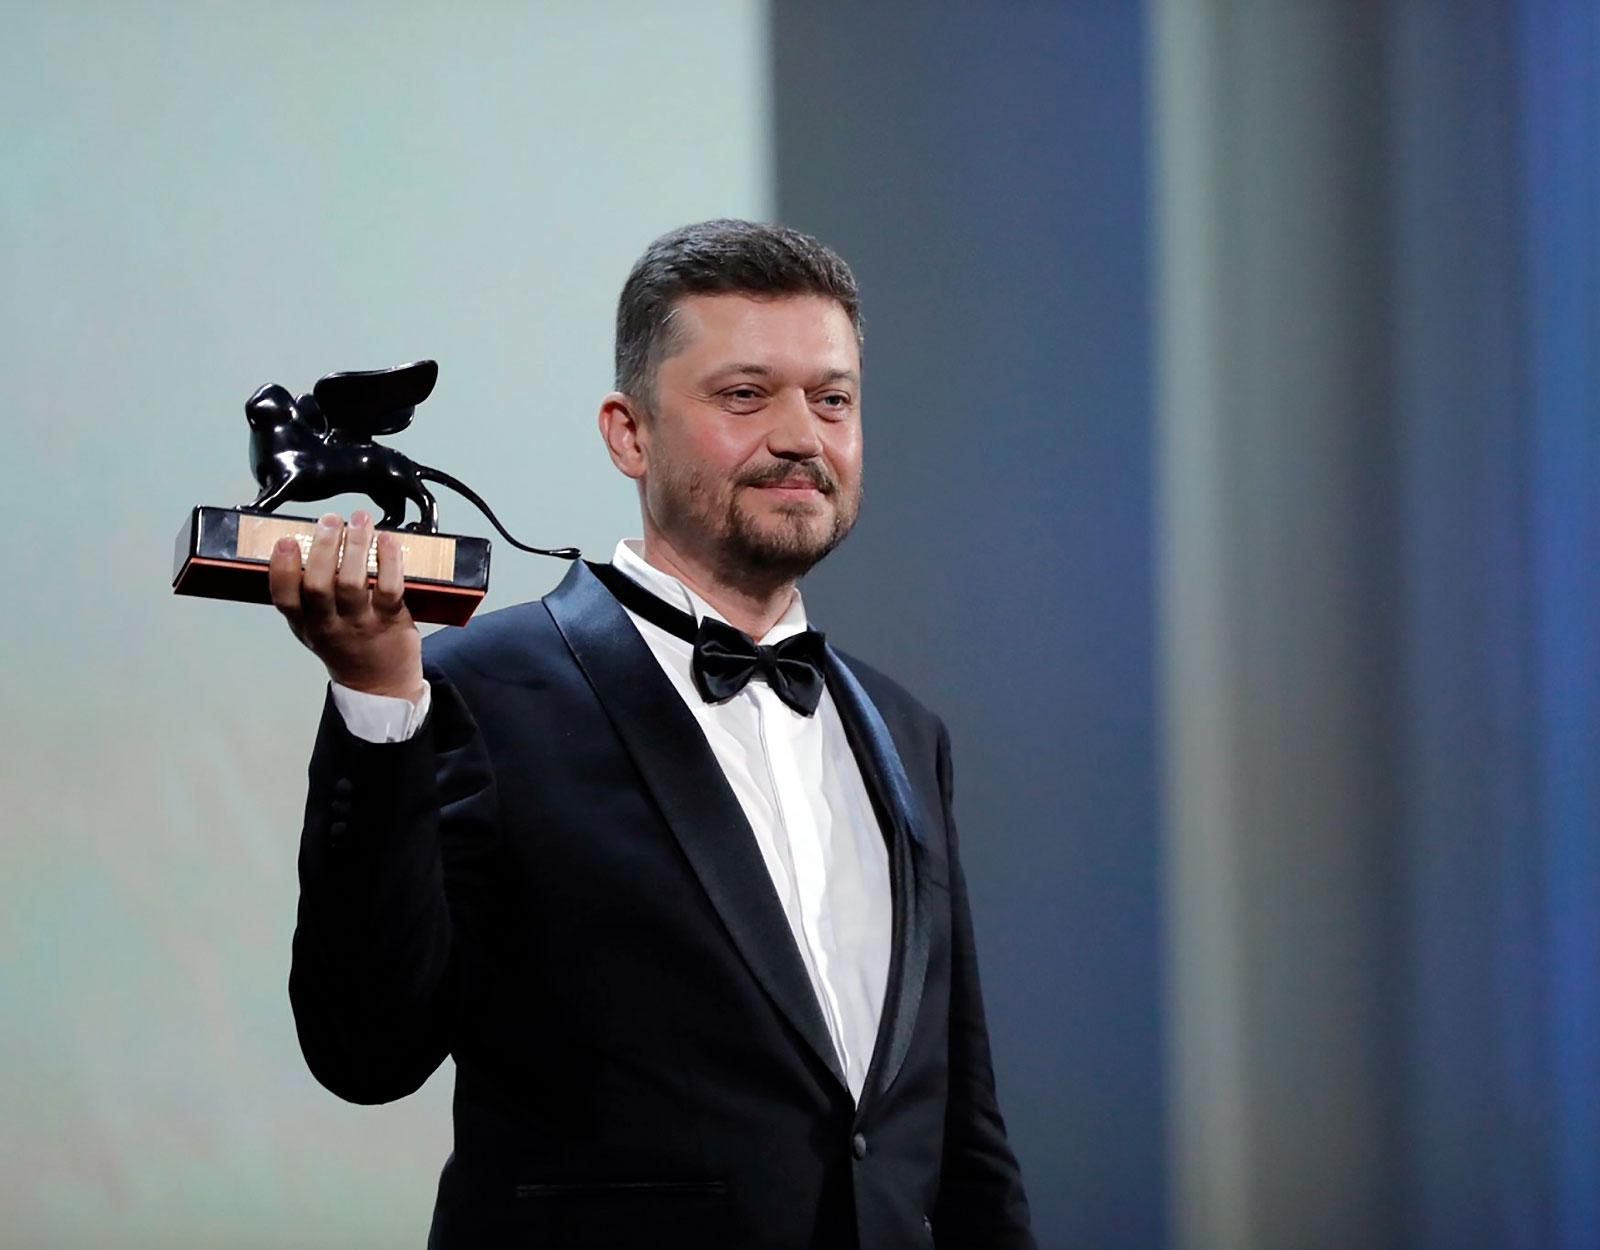 Украинский фильм «Атлантида» получил приз Венецианского кинофестиваля 2019